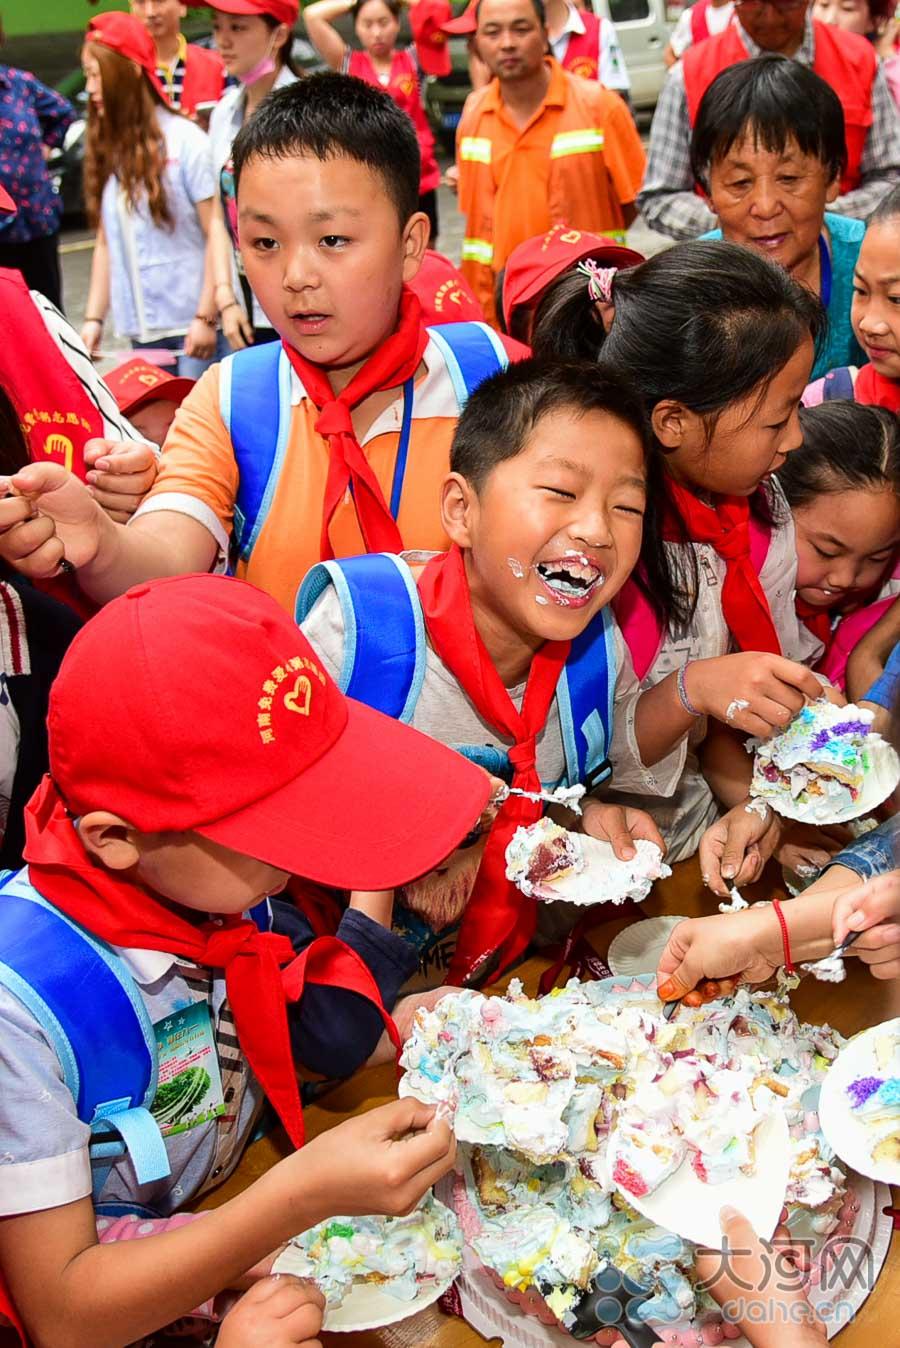 爱心志愿者和孩子们围成一团,切蛋糕、分蛋糕,孩子们开心的笑了。蛋糕吃的满脸都是,大家连声祝福孩子们节日快乐。